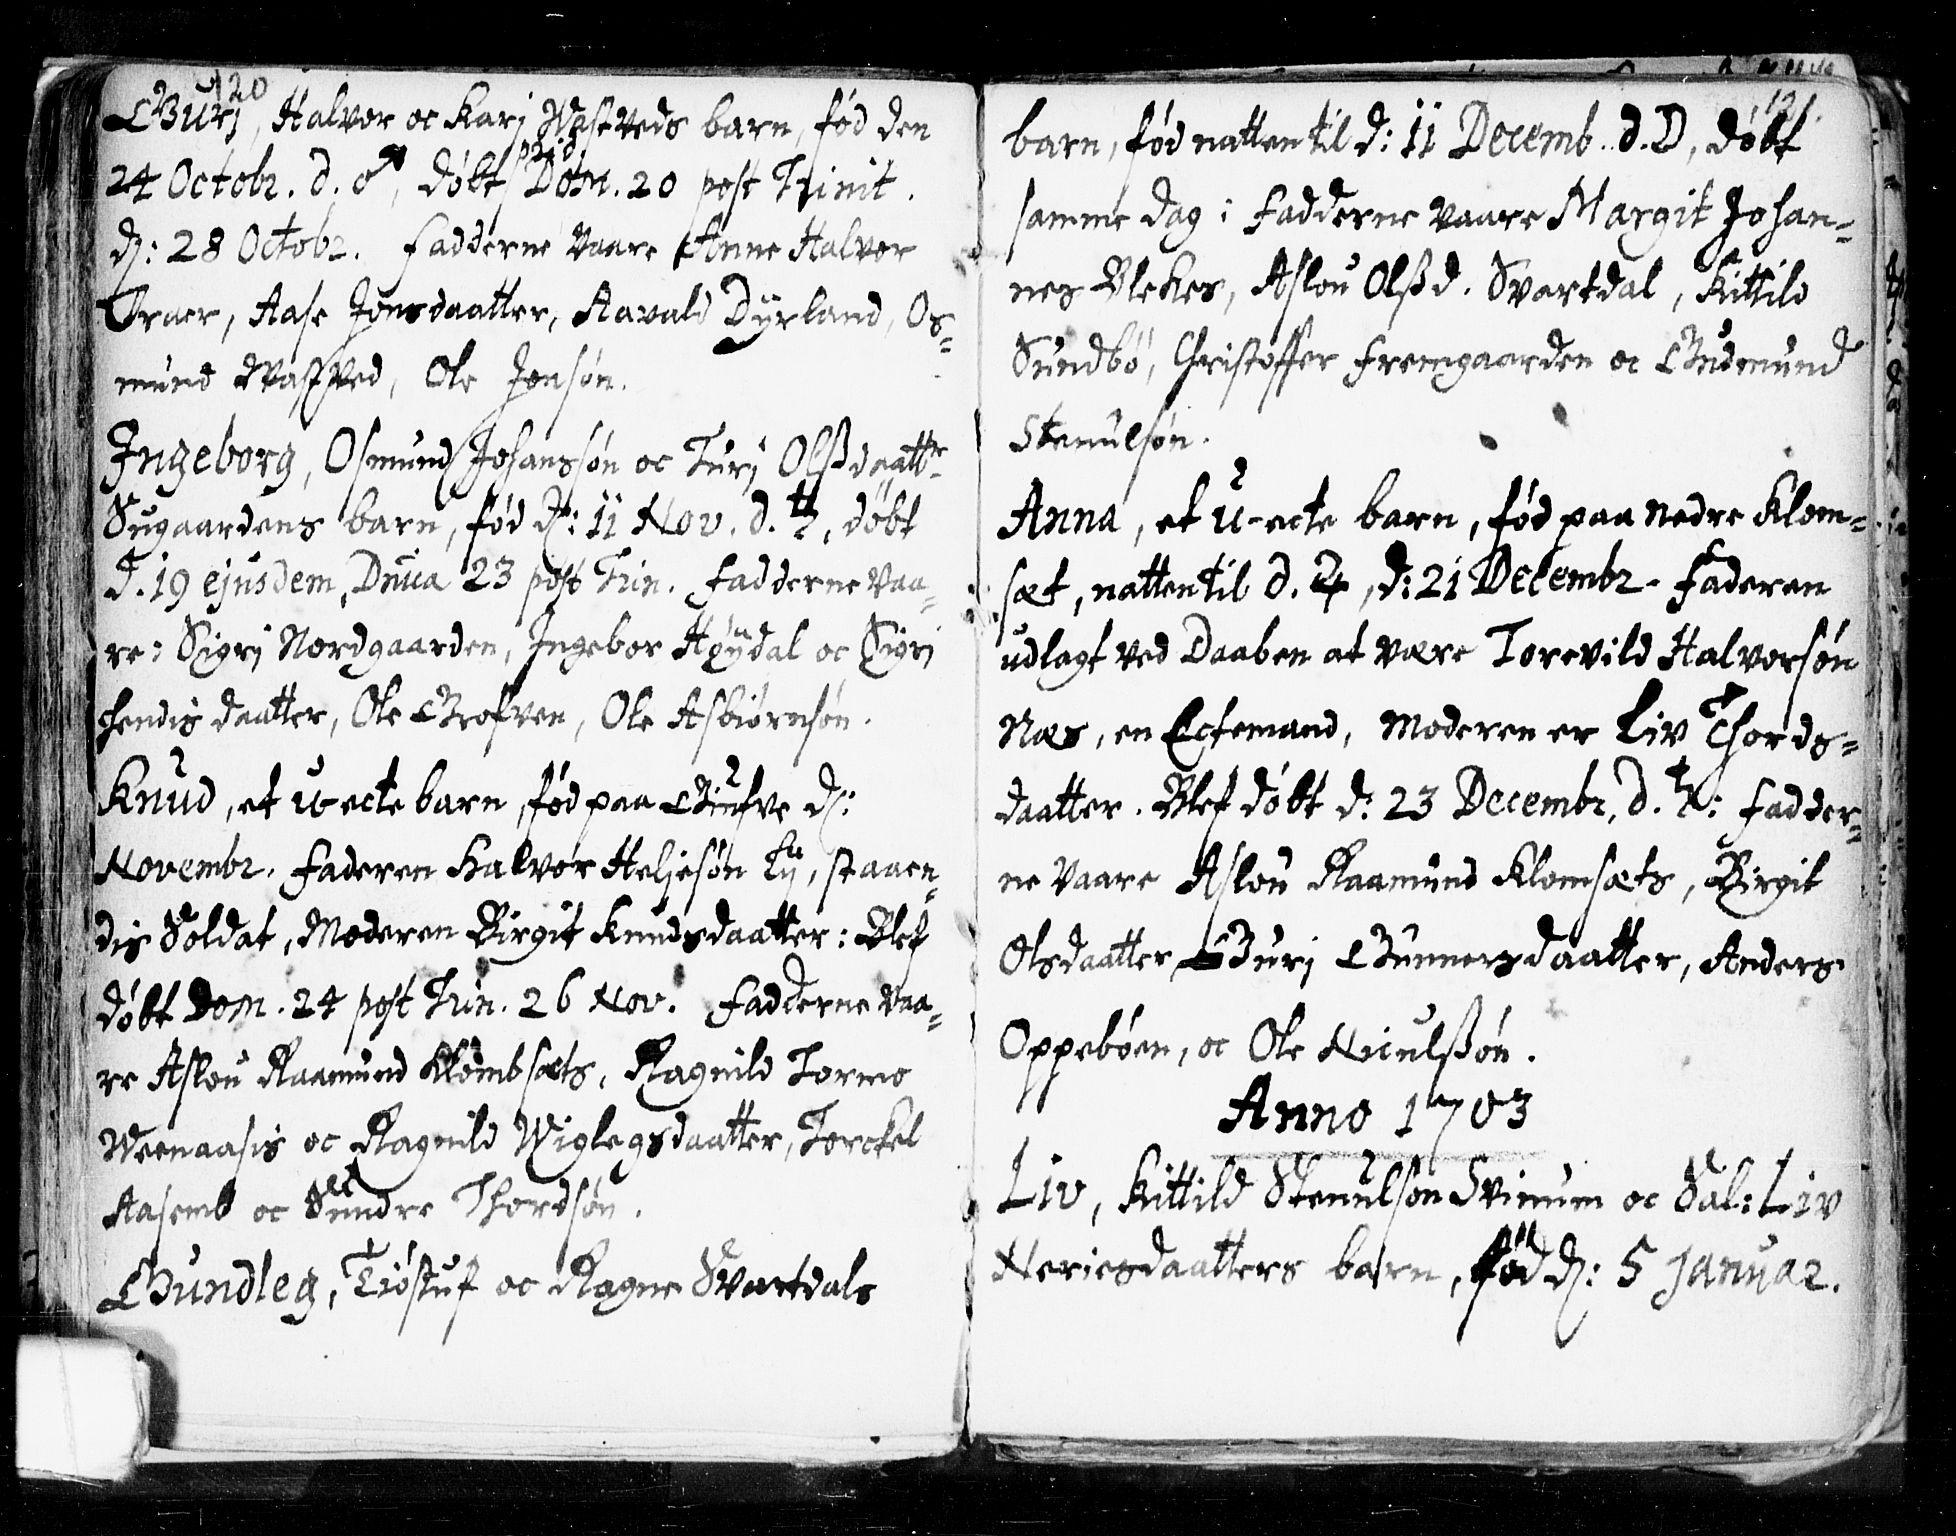 SAKO, Seljord kirkebøker, F/Fa/L0002: Ministerialbok nr. I 2, 1689-1713, s. 120-121